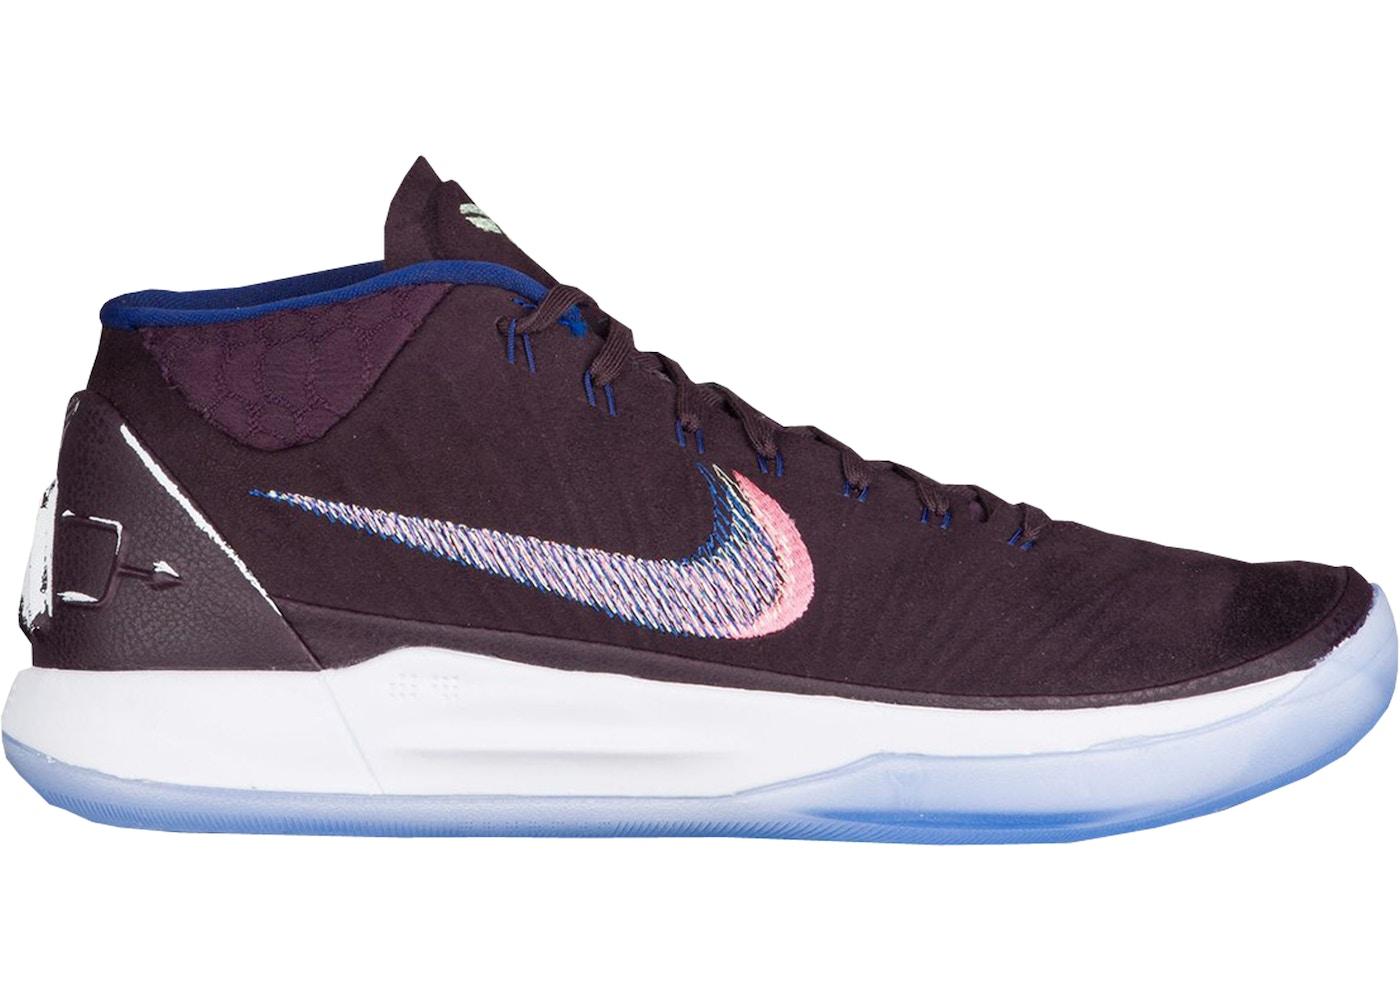 2610d8dcfd98 Buy Nike Kobe Shoes   Deadstock Sneakers